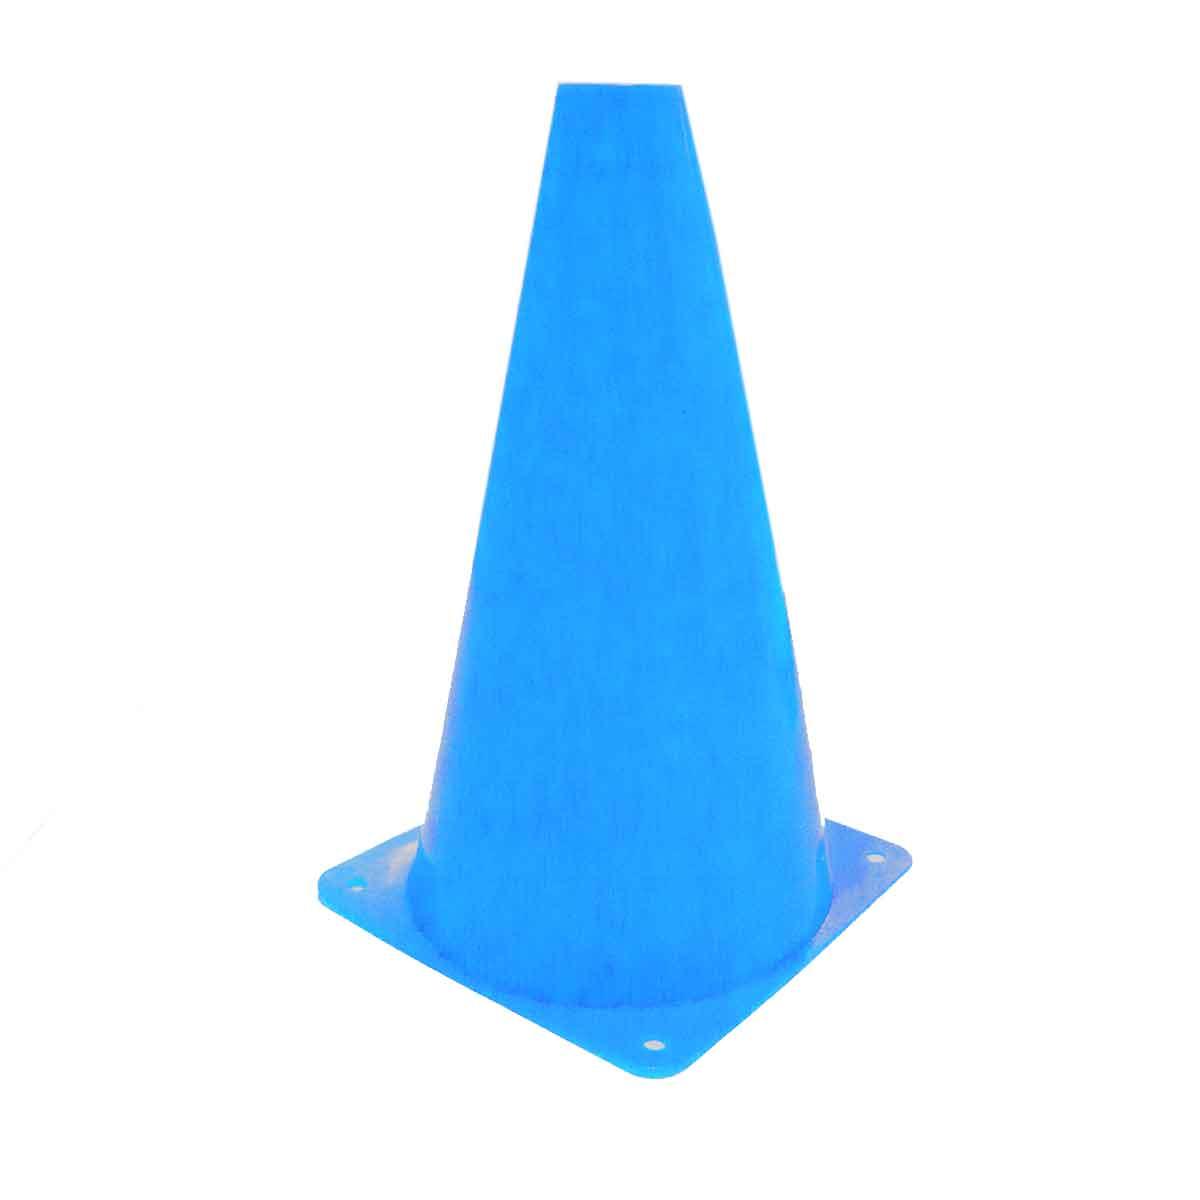 12x Mini Cone Sinalização Esportivo 23cm Agilidade Treino